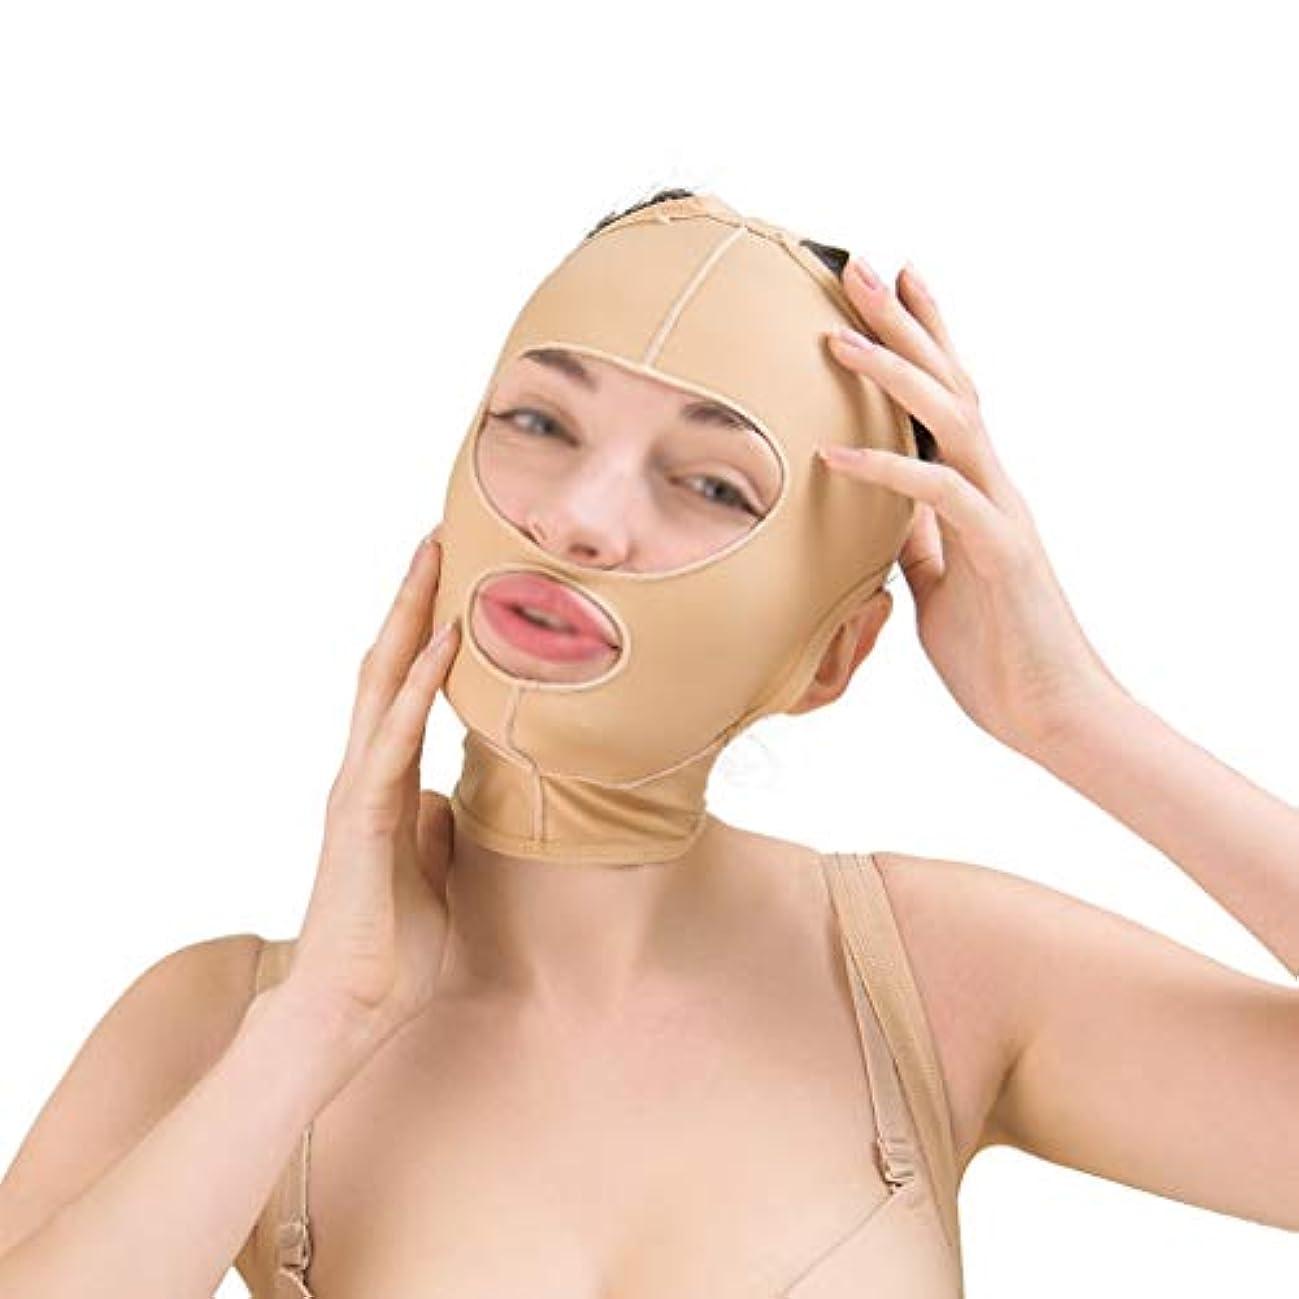 故障高価なシチリア美容フェイスリフト減量ベルト、ほおスリムフィット、通気性フェイスリフト、引き締め、包帯を持ち上げる、フェイシャルスキン包帯 (Size : S)